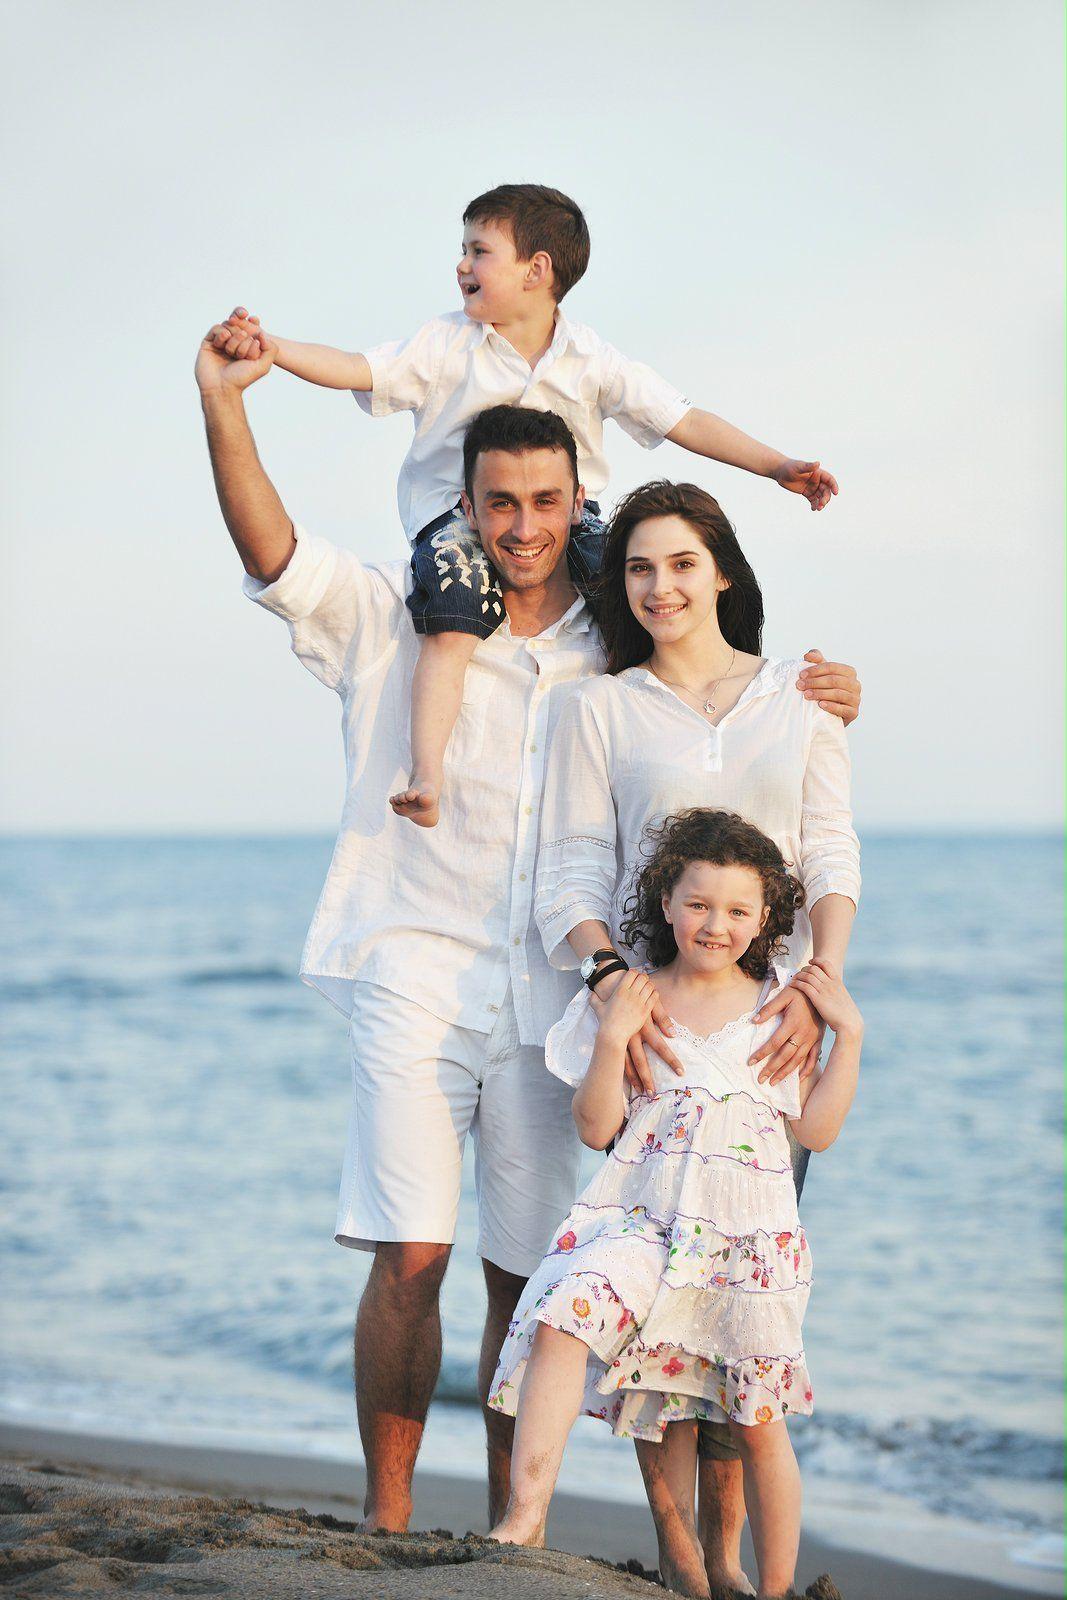 happy-family-on-beach-happy-family (2)